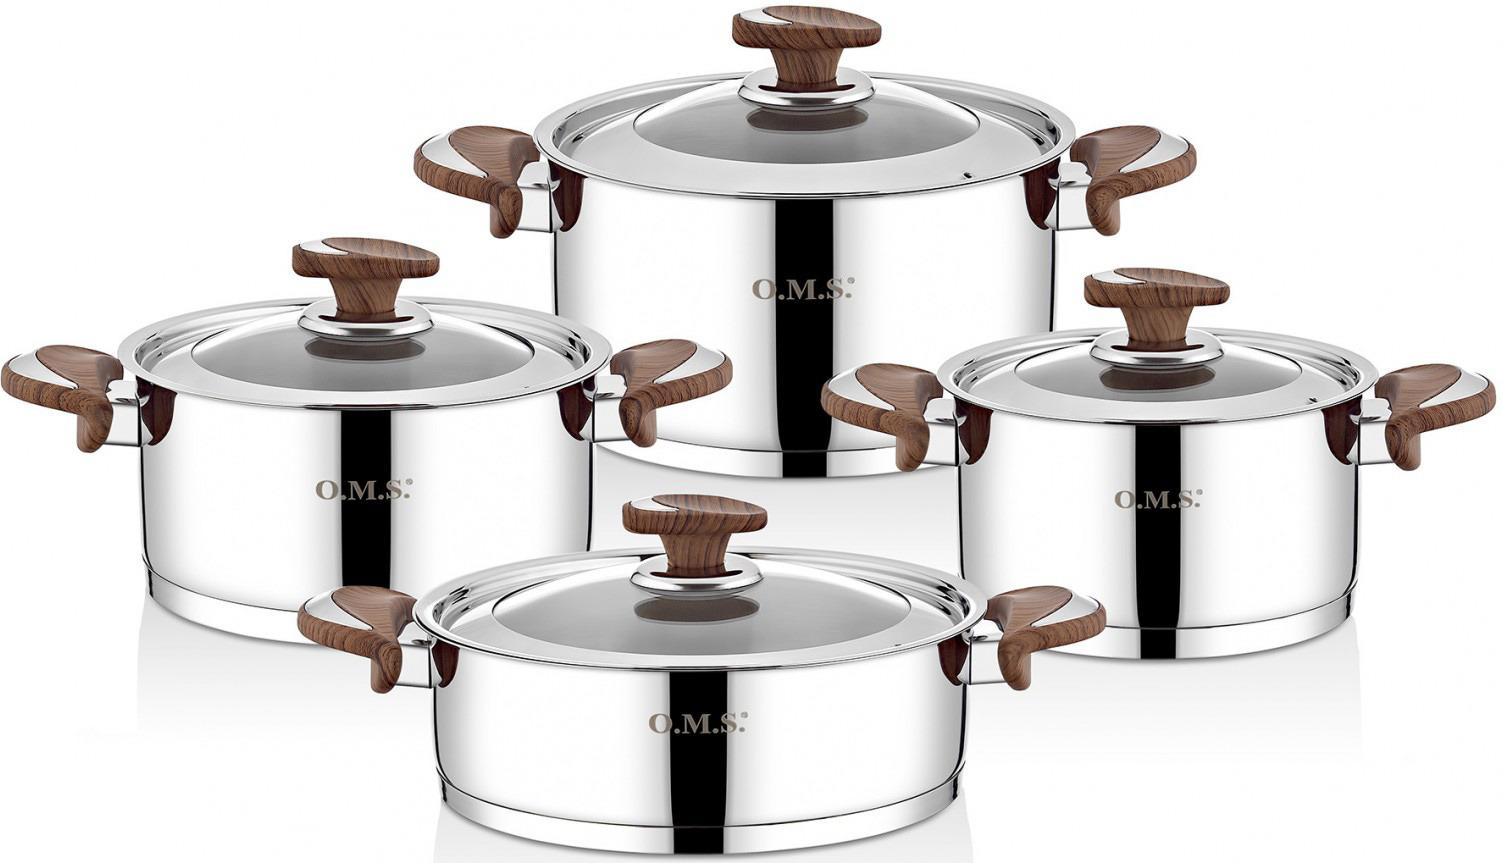 Набор посуды для приготовления пищи OMS, 1076, 8 предметов алмазный диск bosch standard for ceramic 115 22 23 2608602201